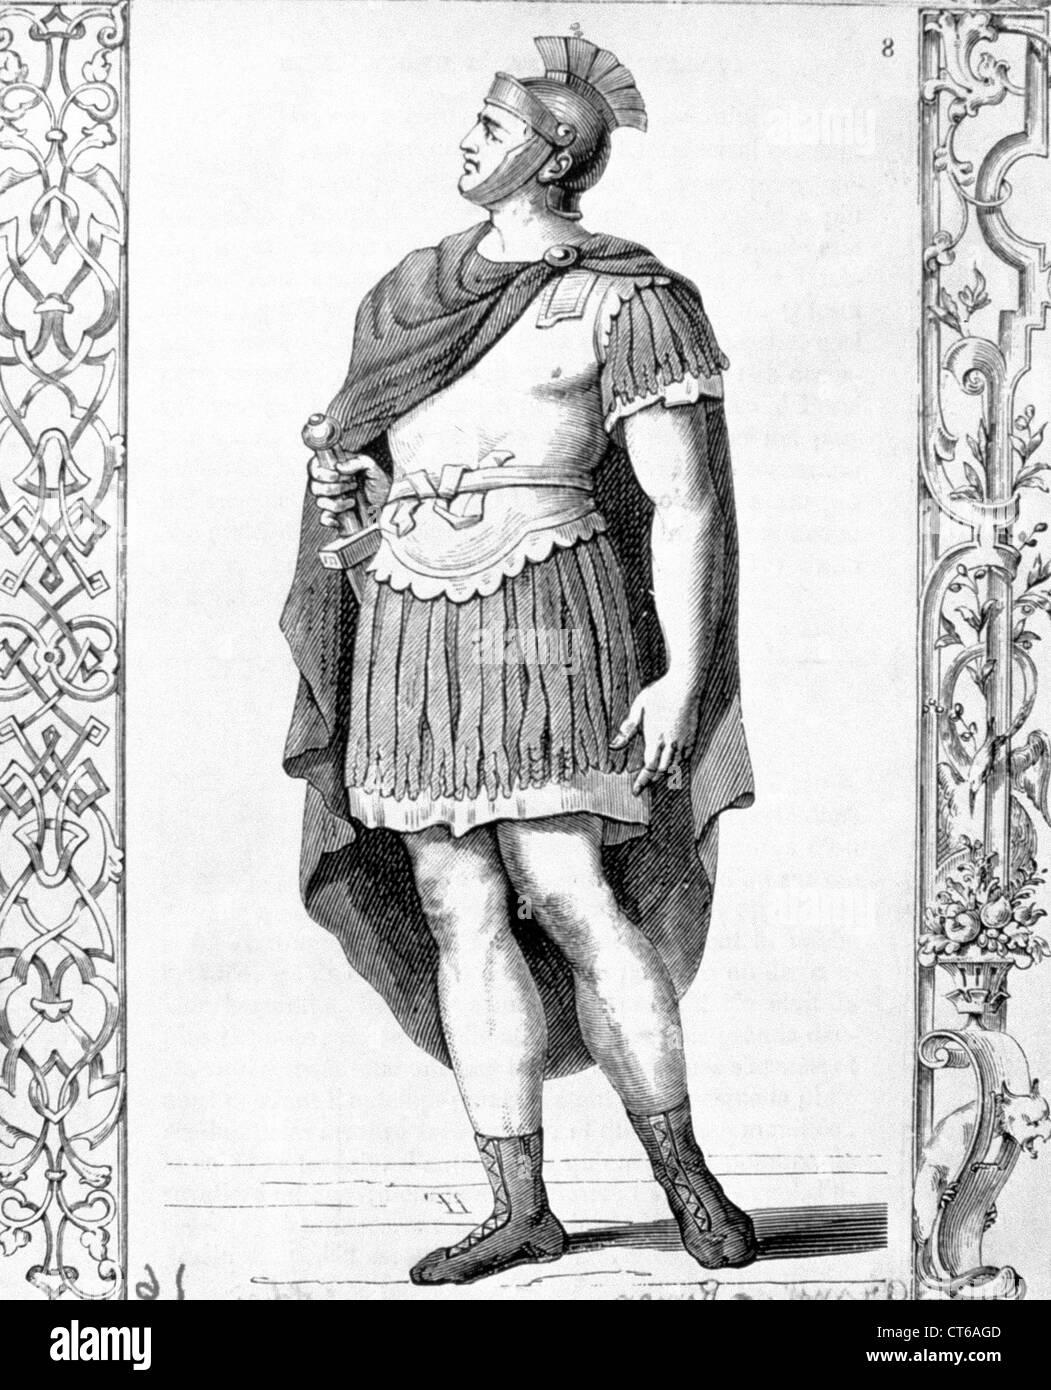 Illustrazione - soldato romano Immagini Stock